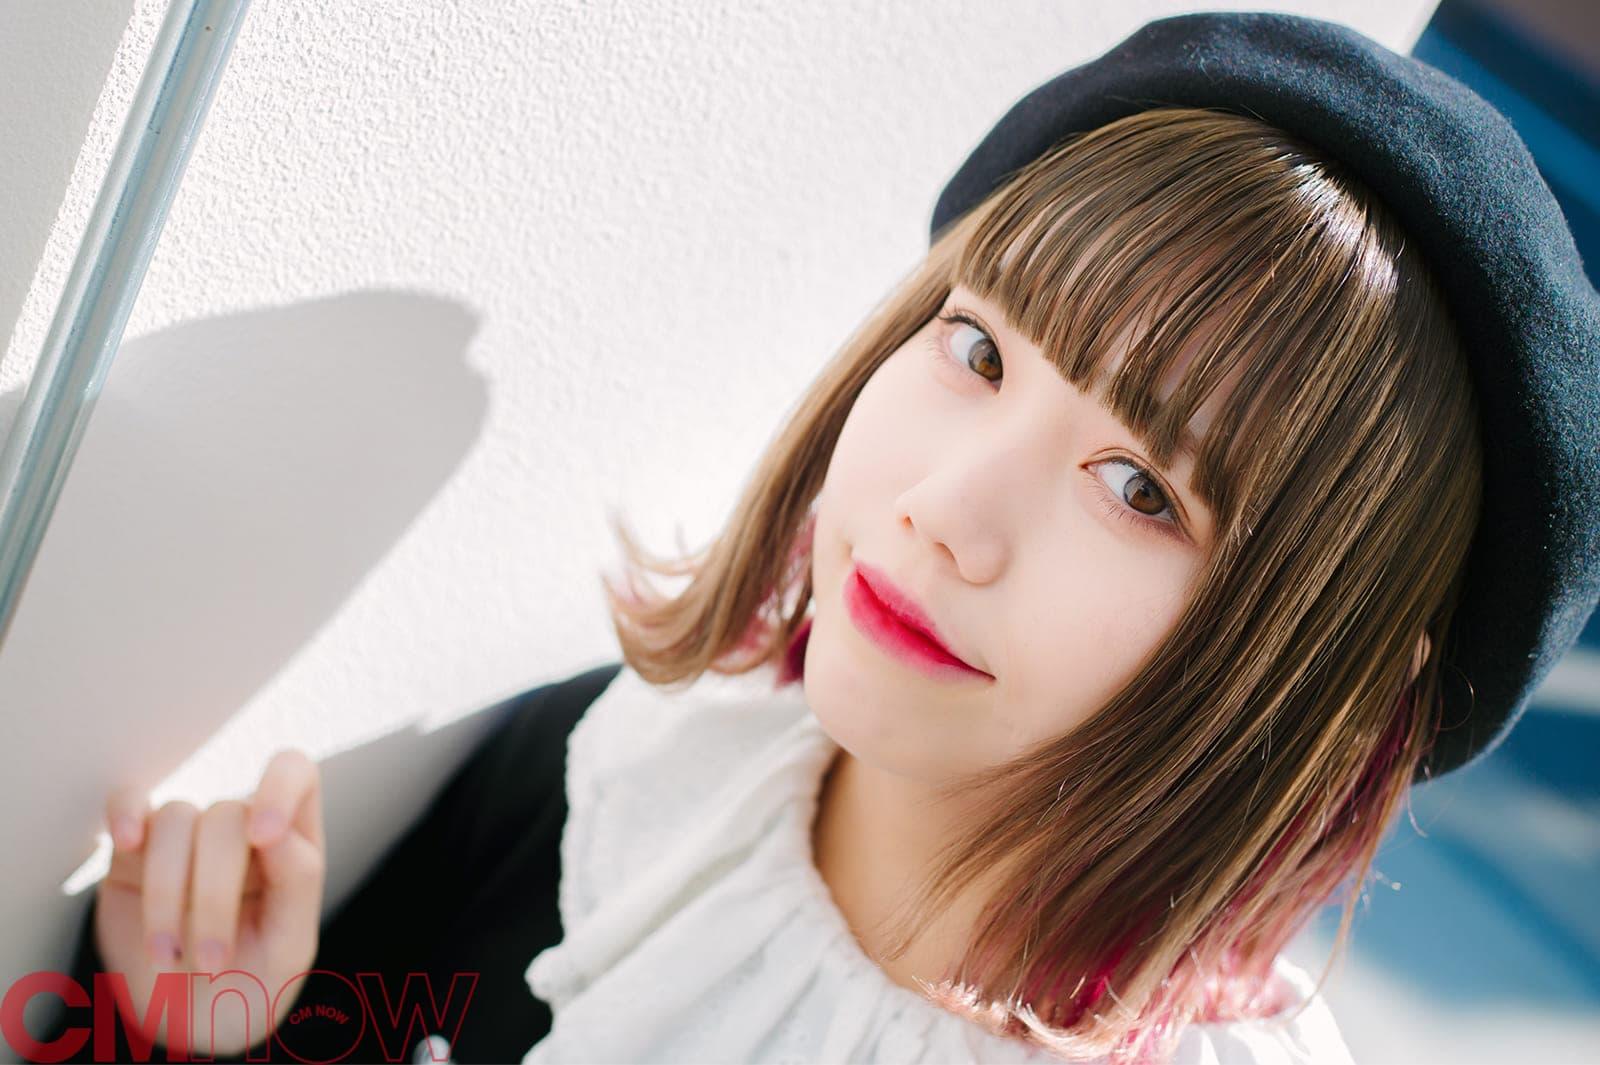 <長久玲奈インタビュー>「AKB48卒業しての変化」「印象的なCMソング」など明かす